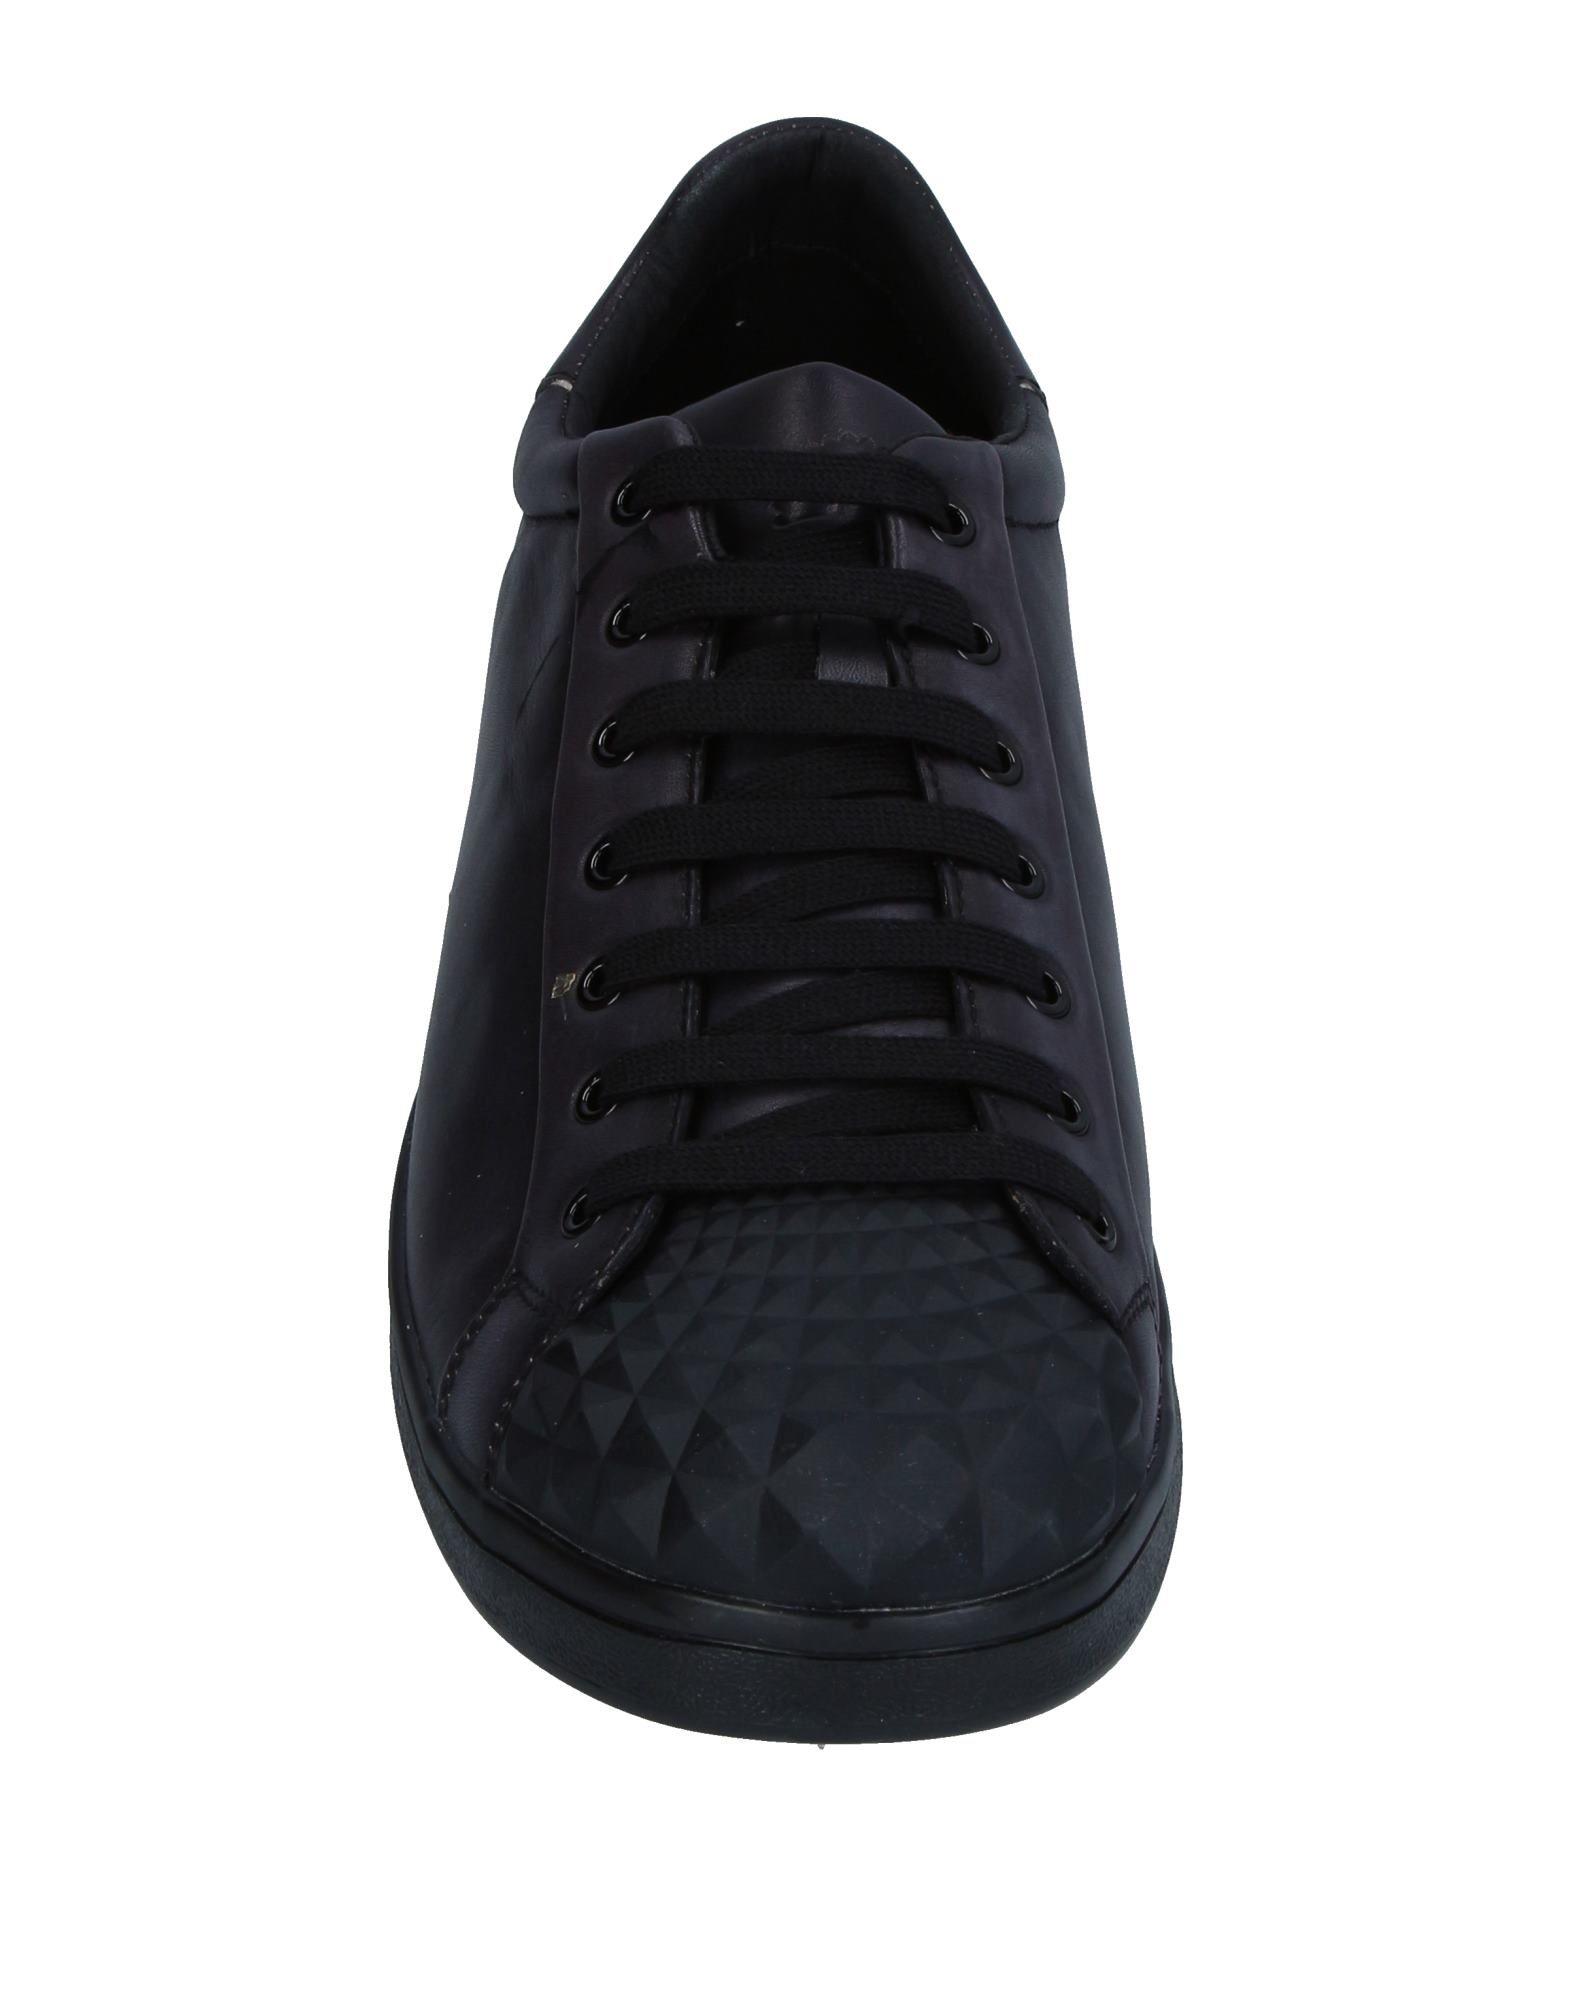 Rabatt echte Patrick Schuhe Geox Designed By Patrick echte Cox Sneakers Herren  11323043OP 08856c